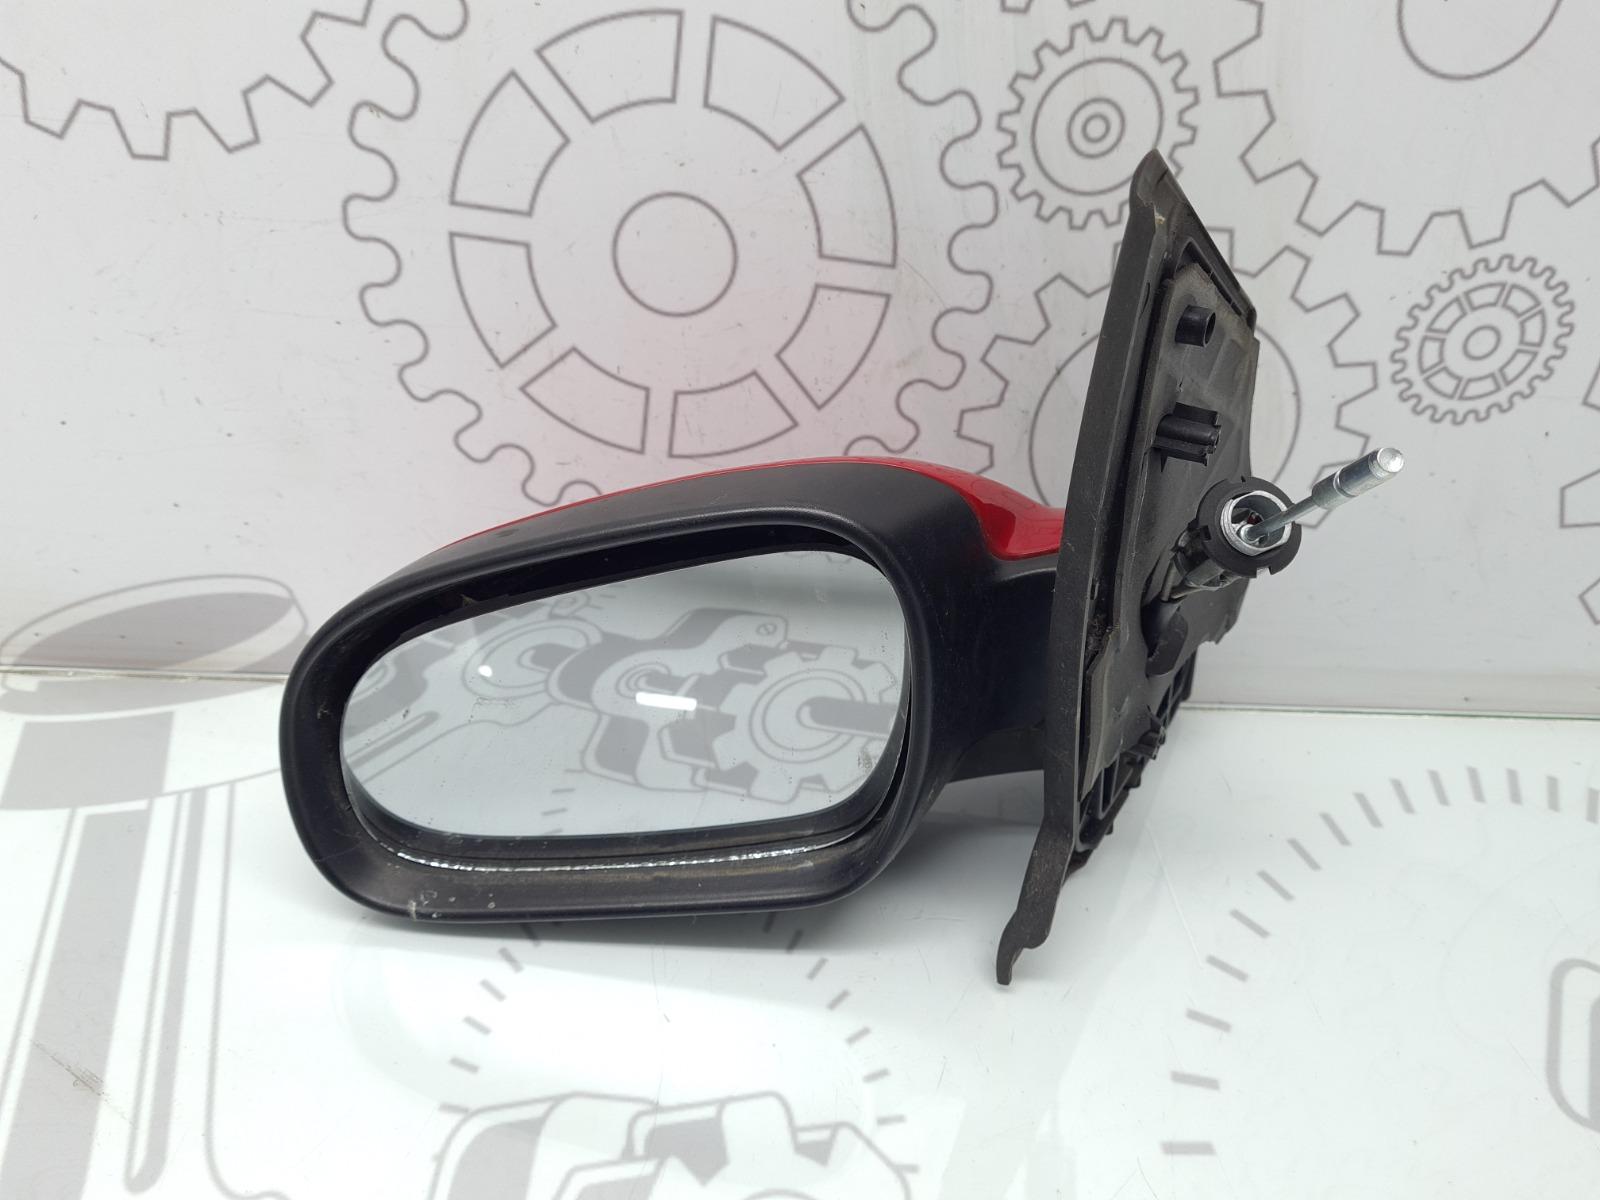 Зеркало наружное левое Volkswagen Fox 1.2 I 2008 (б/у)